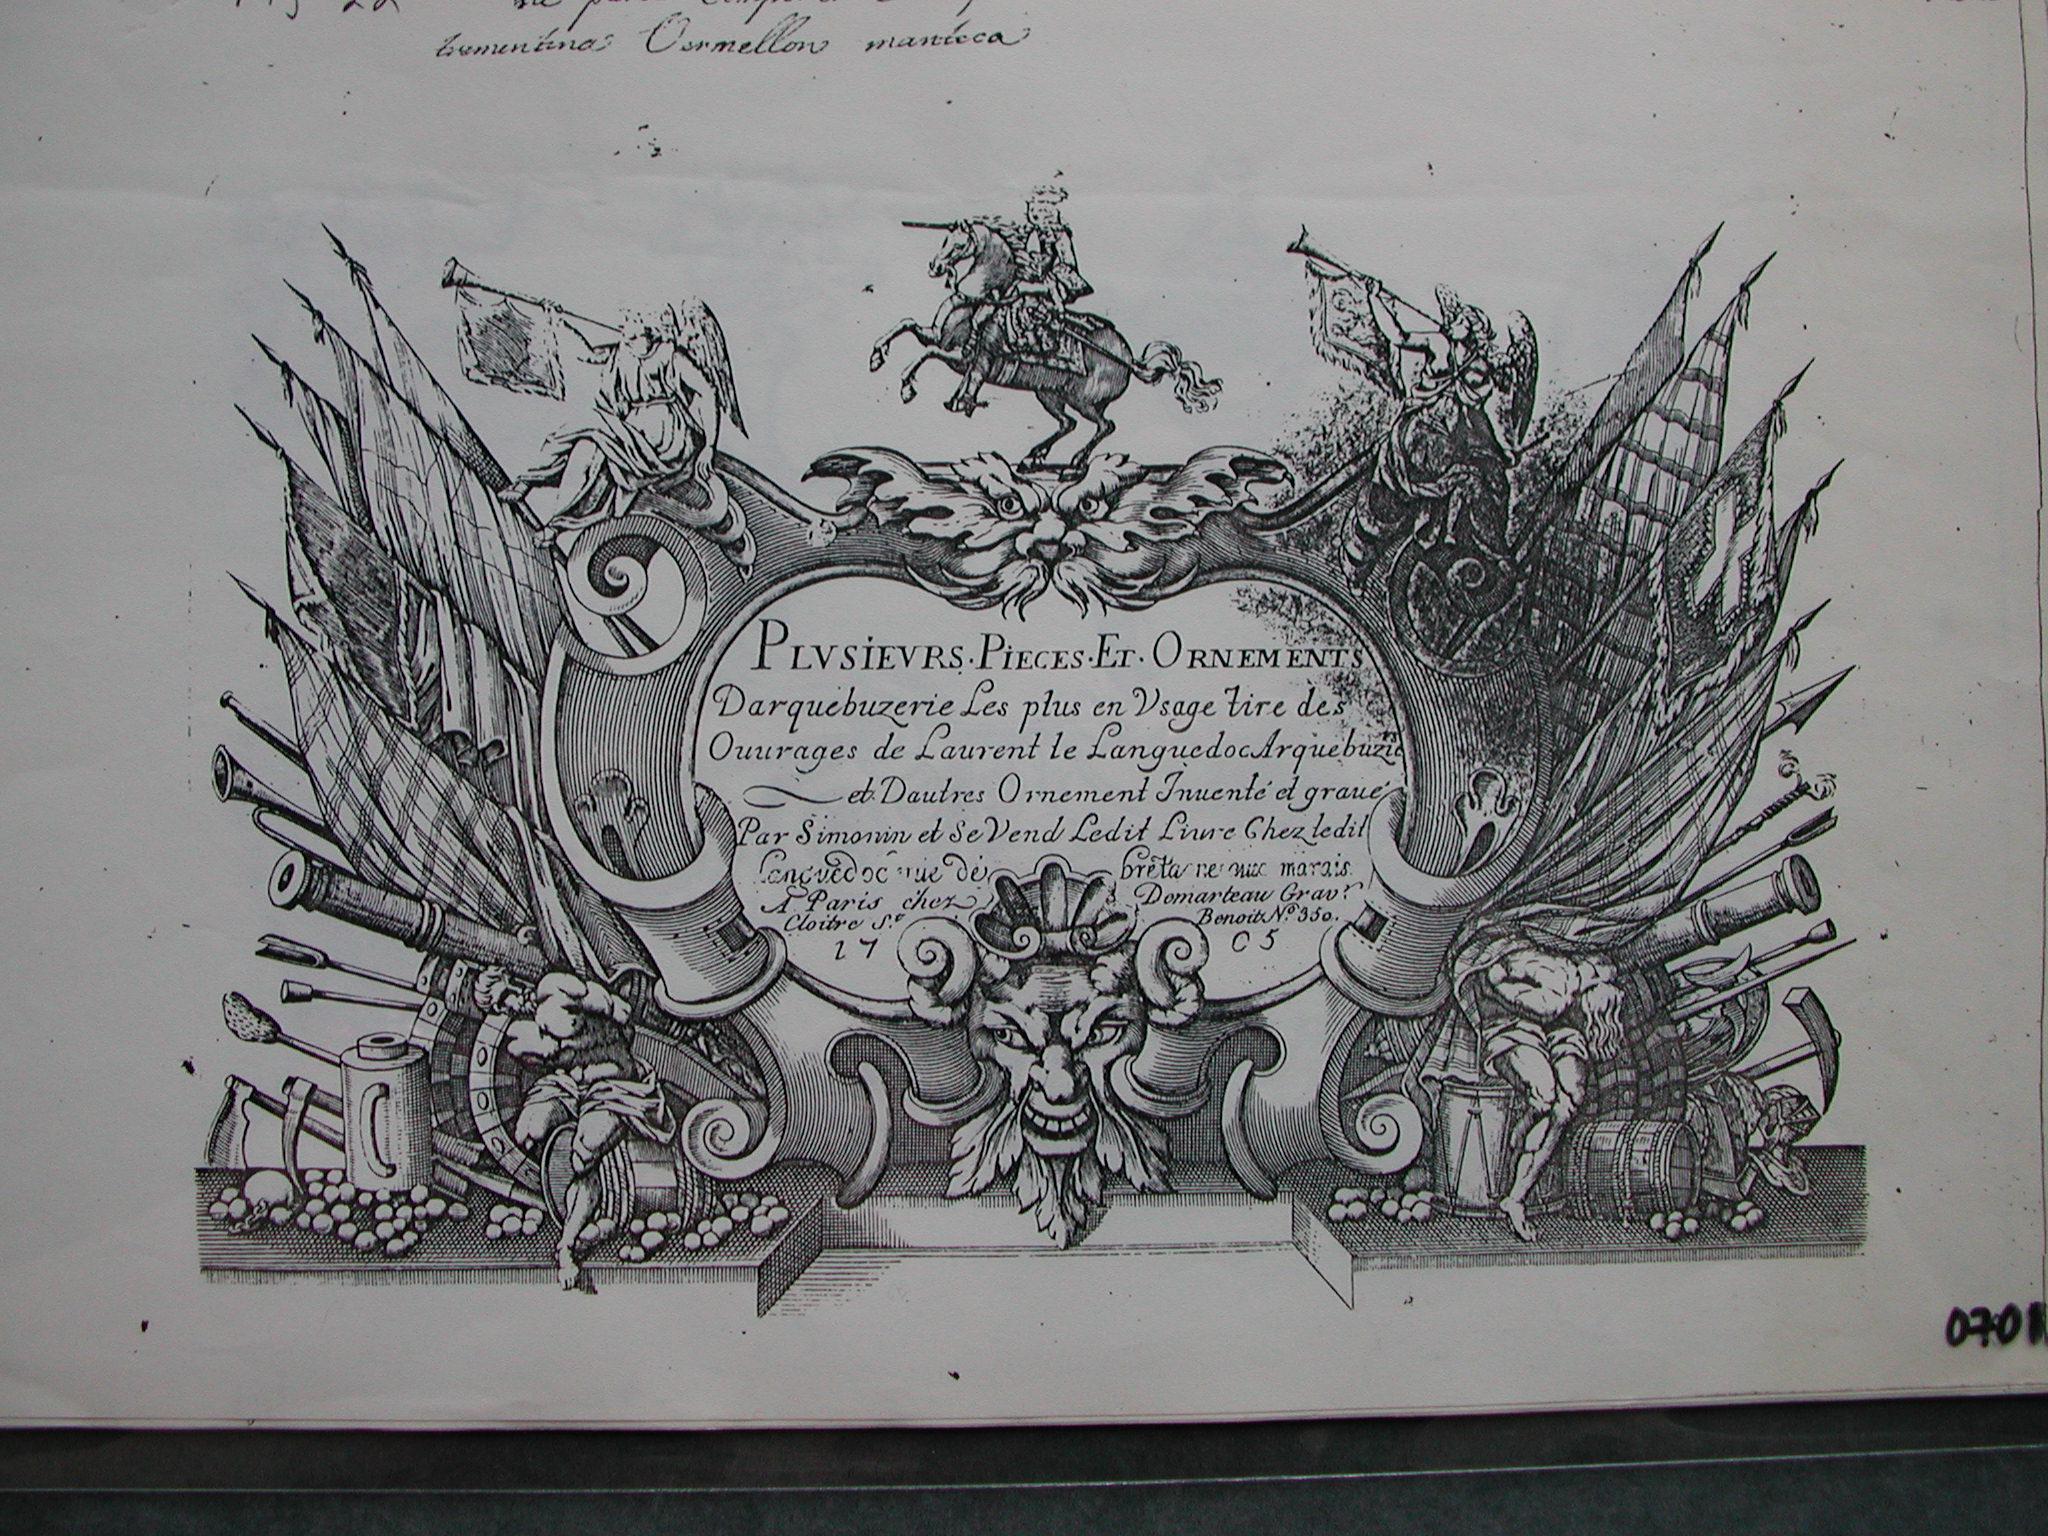 Plusieur pieces et autres (Albúm de grabados fotocopiado del original)